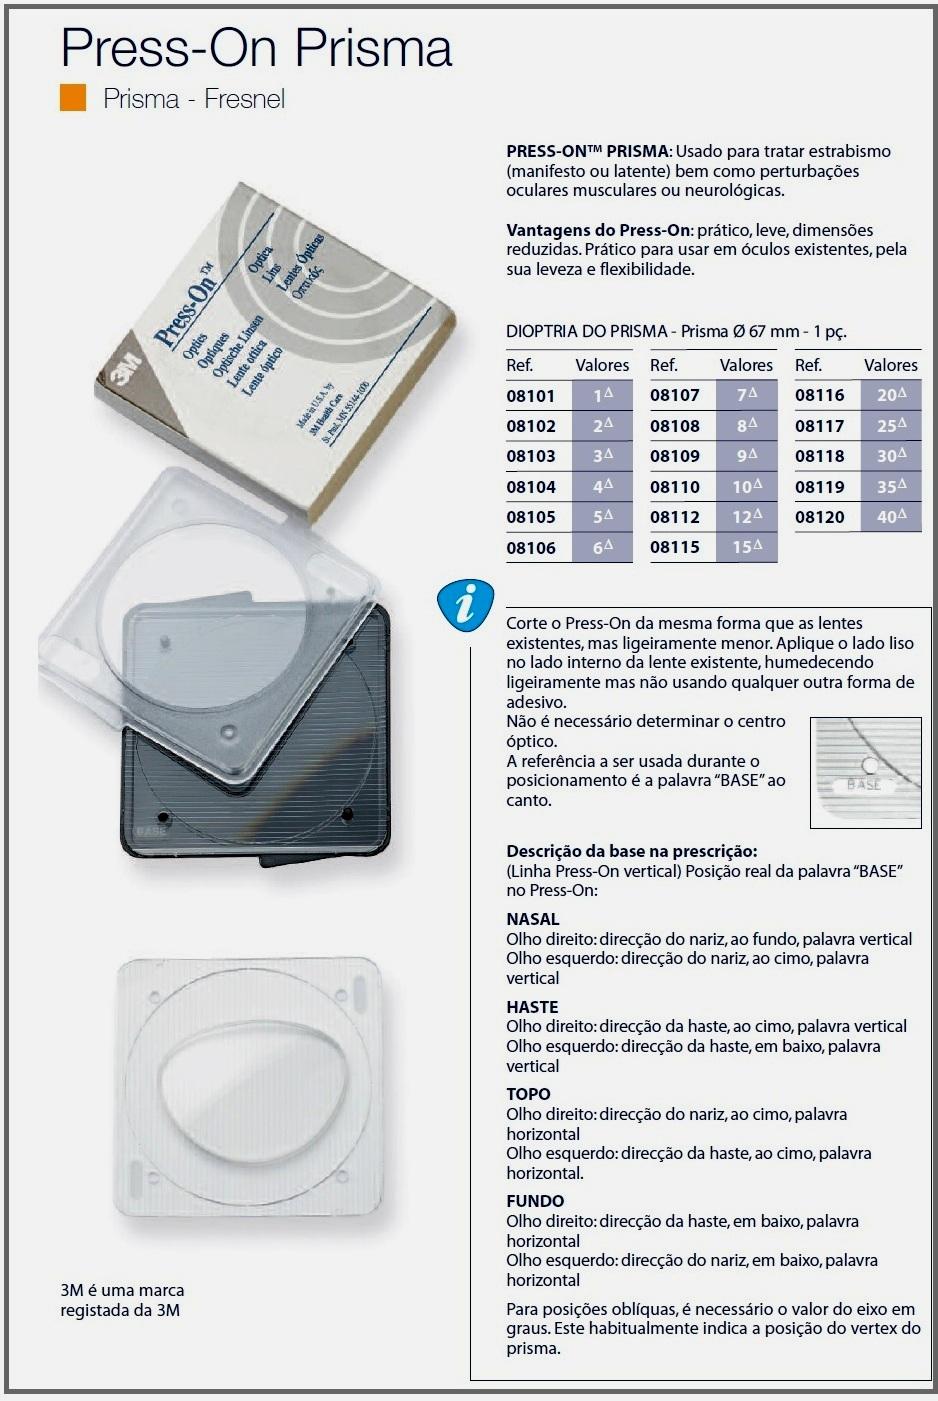 0208115 - CorreçãoVisual 02 Press-On Prisma 15 Mod 8115 FLAG O  -Contém 1 Peça